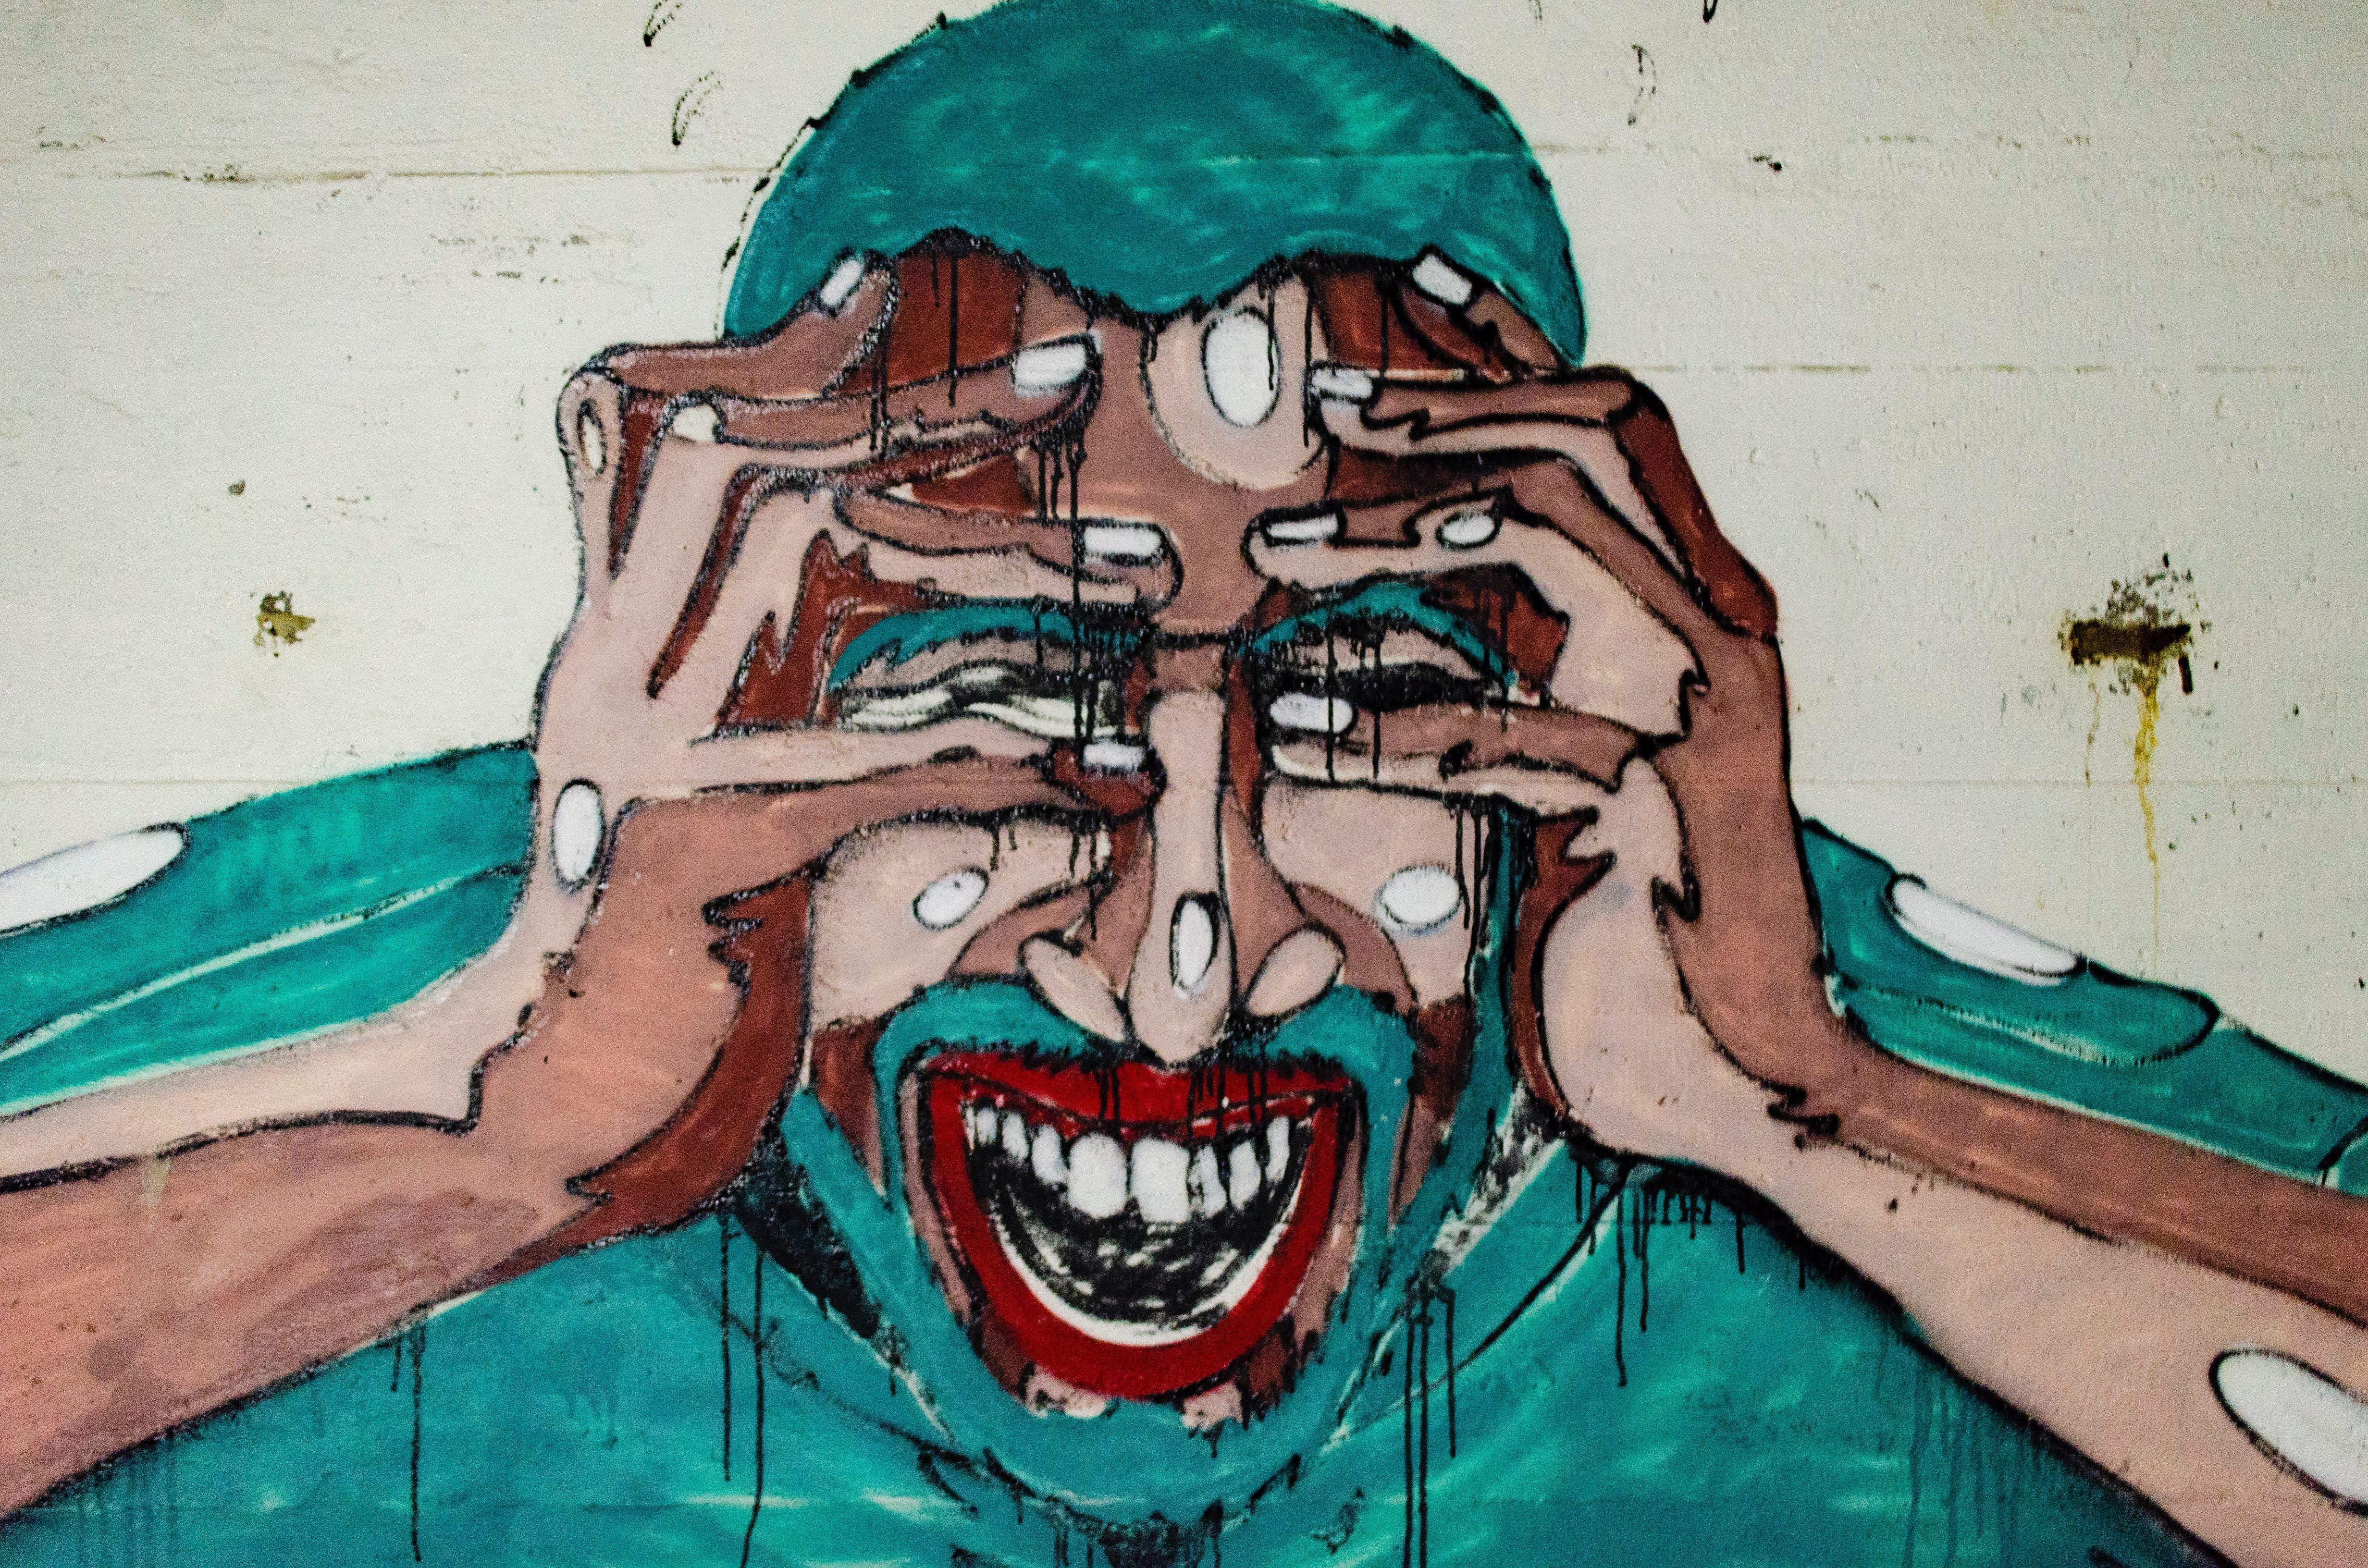 Graffiti auf dem ein Mann zu sehen ist, der den Mund aufreißt und sich die Hände an den Kopf hält.